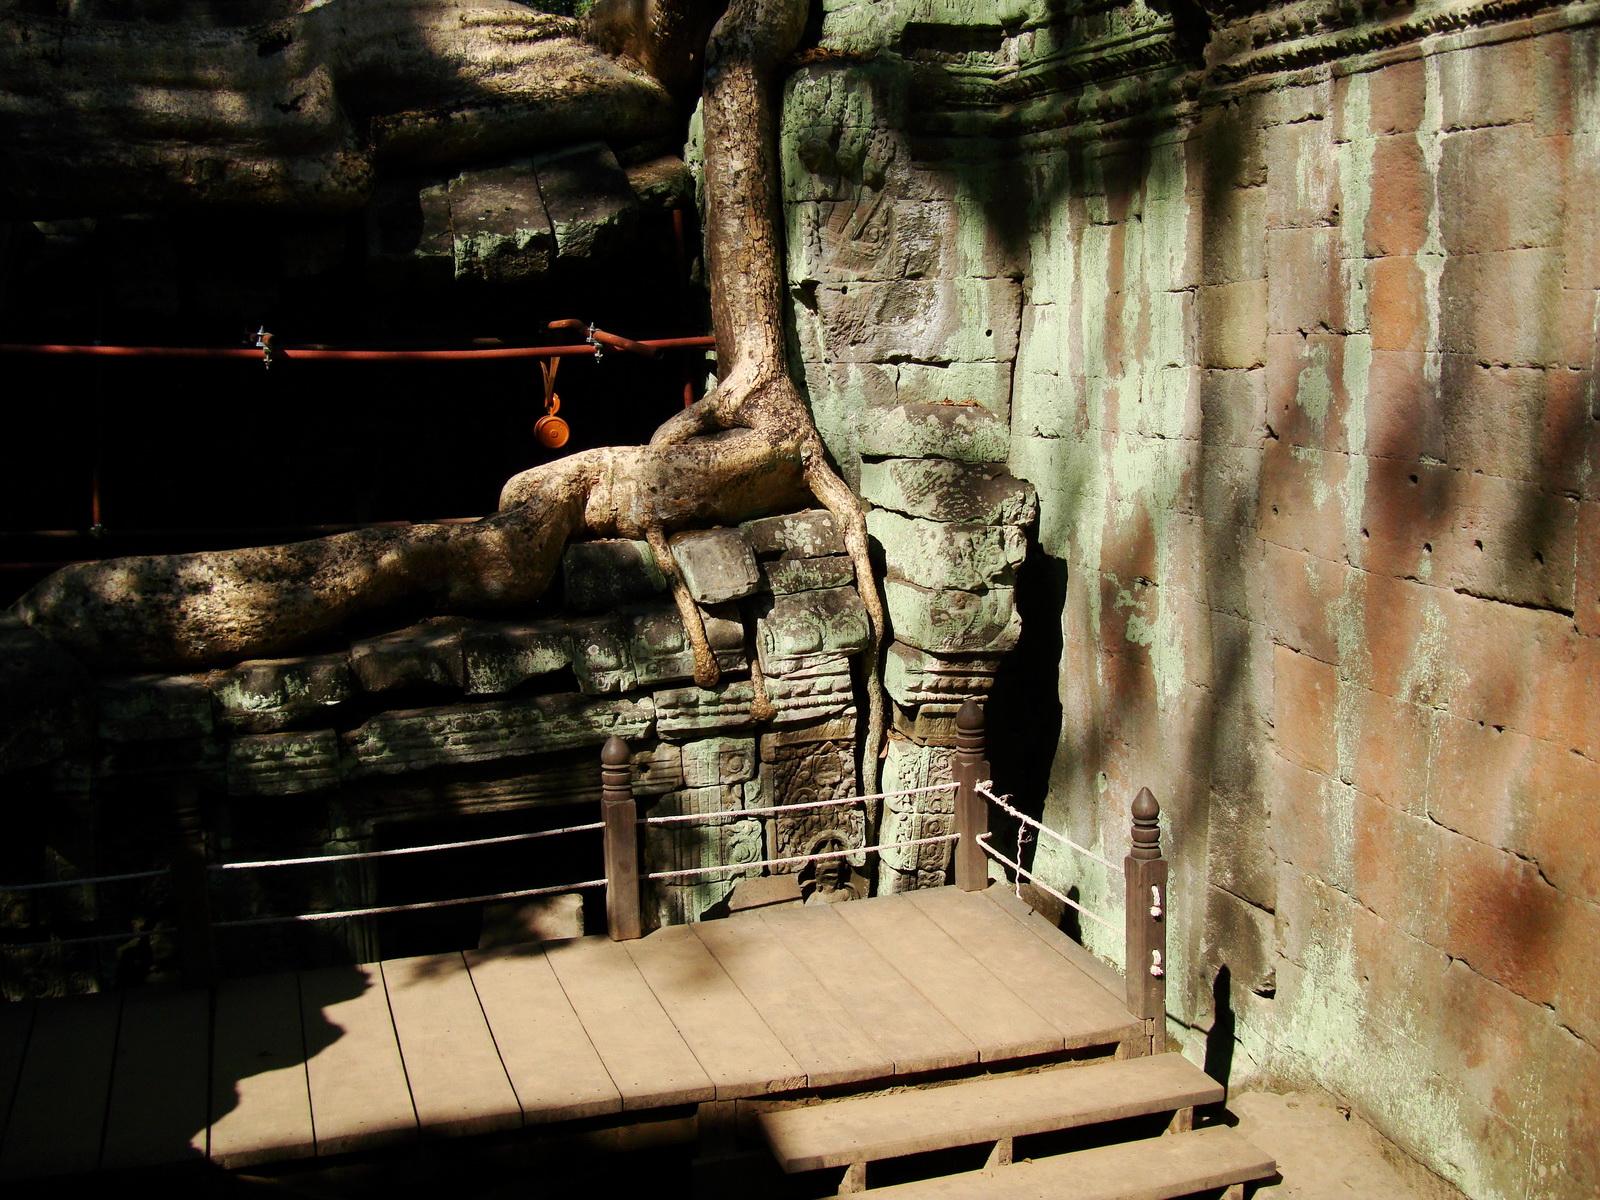 Ta Prohm Tomb Raider Bayon architecture central sanctuary area 16